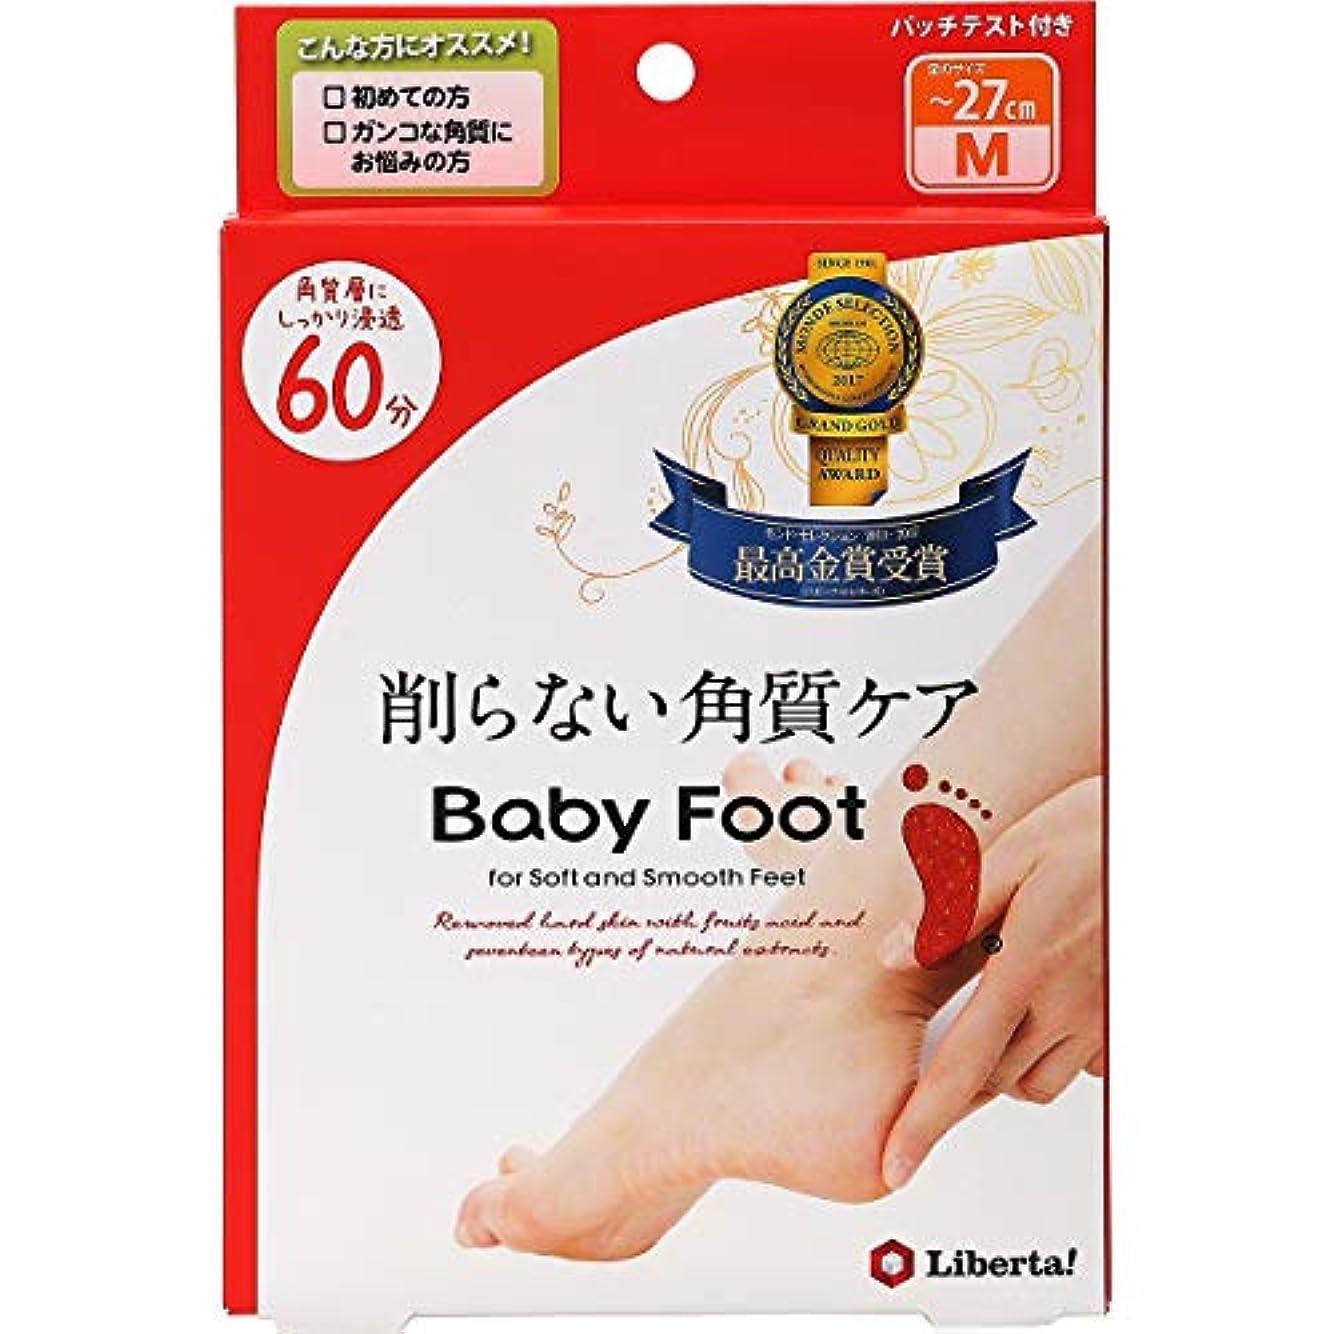 ファイバ配偶者つかまえるベビーフット (Baby Foot) ベビーフット イージーパック SPT60分タイプ Mサイズ 単品